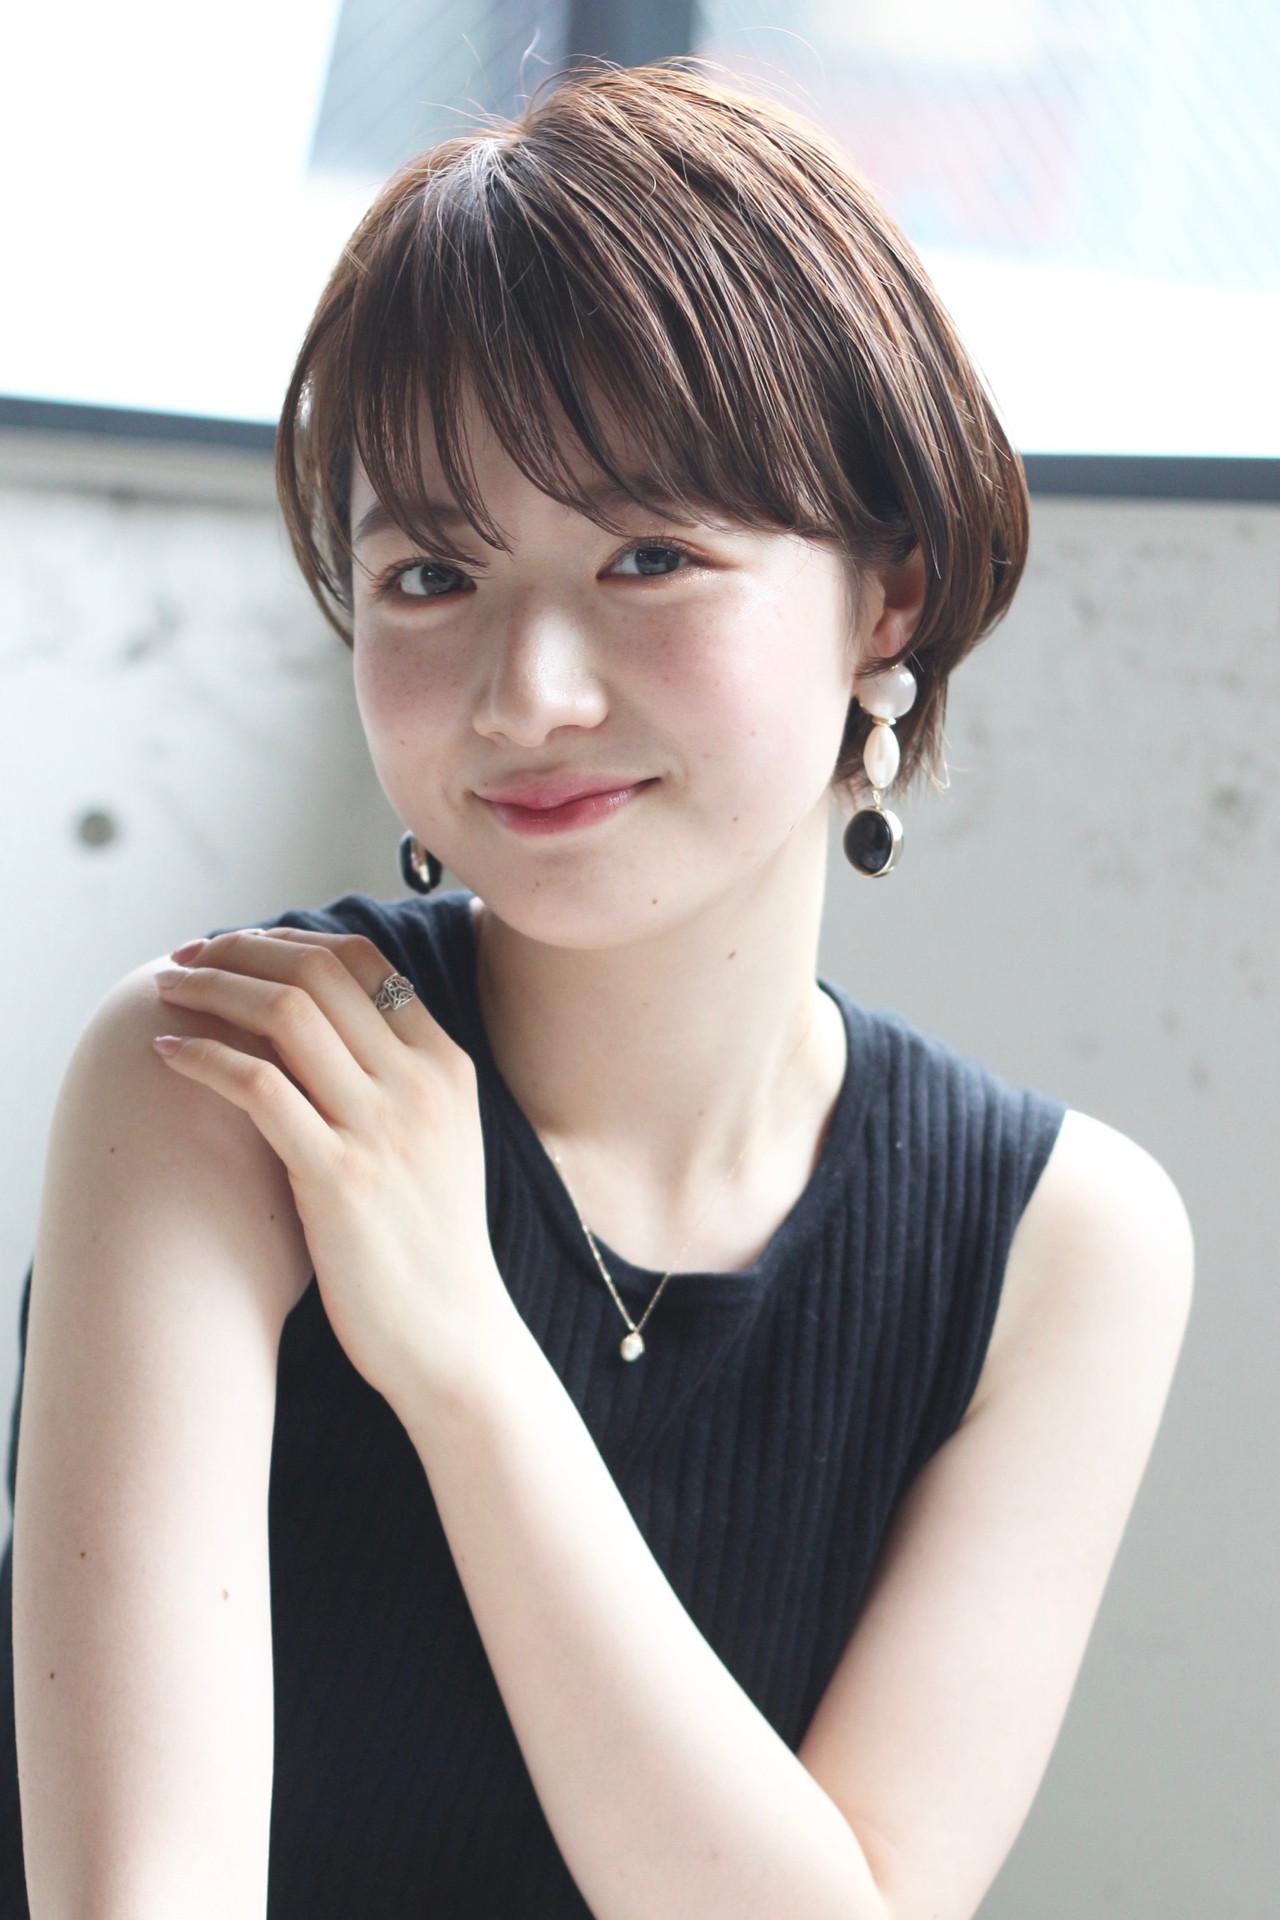 丸みショート ショート ナチュラル ショートボブ ヘアスタイルや髪型の写真・画像 | Natsuko Kodama 児玉奈都子 / dydi